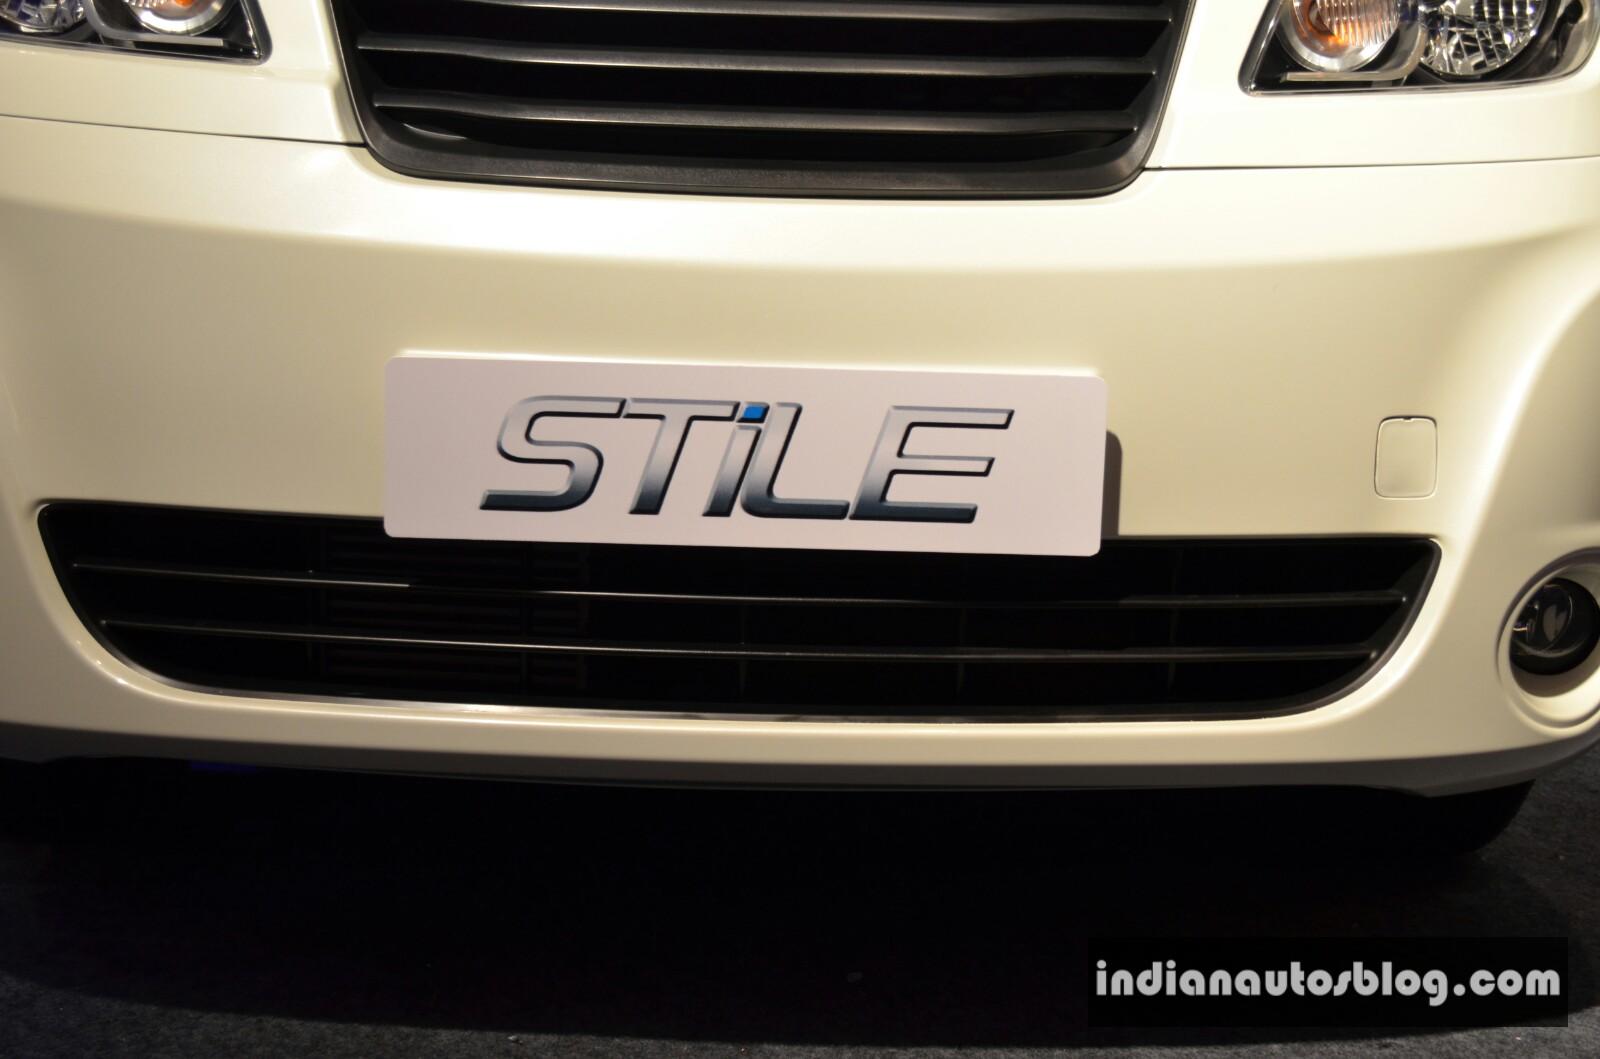 Ashok Leyland Stile bumper front